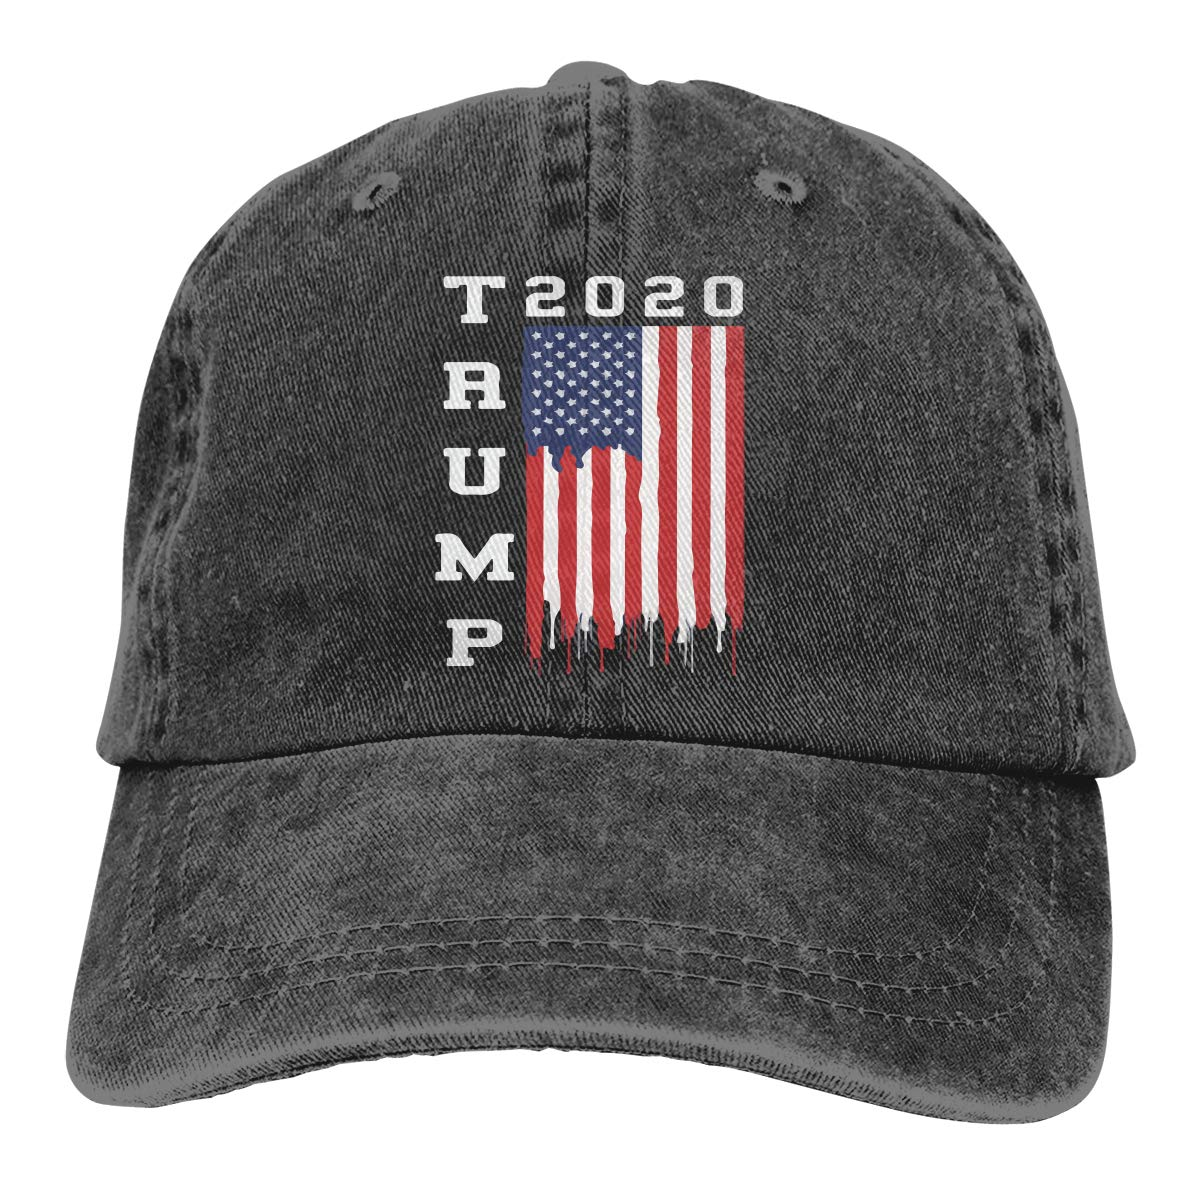 2020 Campaign Adult Custom Cowboy Hip Hop Cap Adjustable Baseball Cap